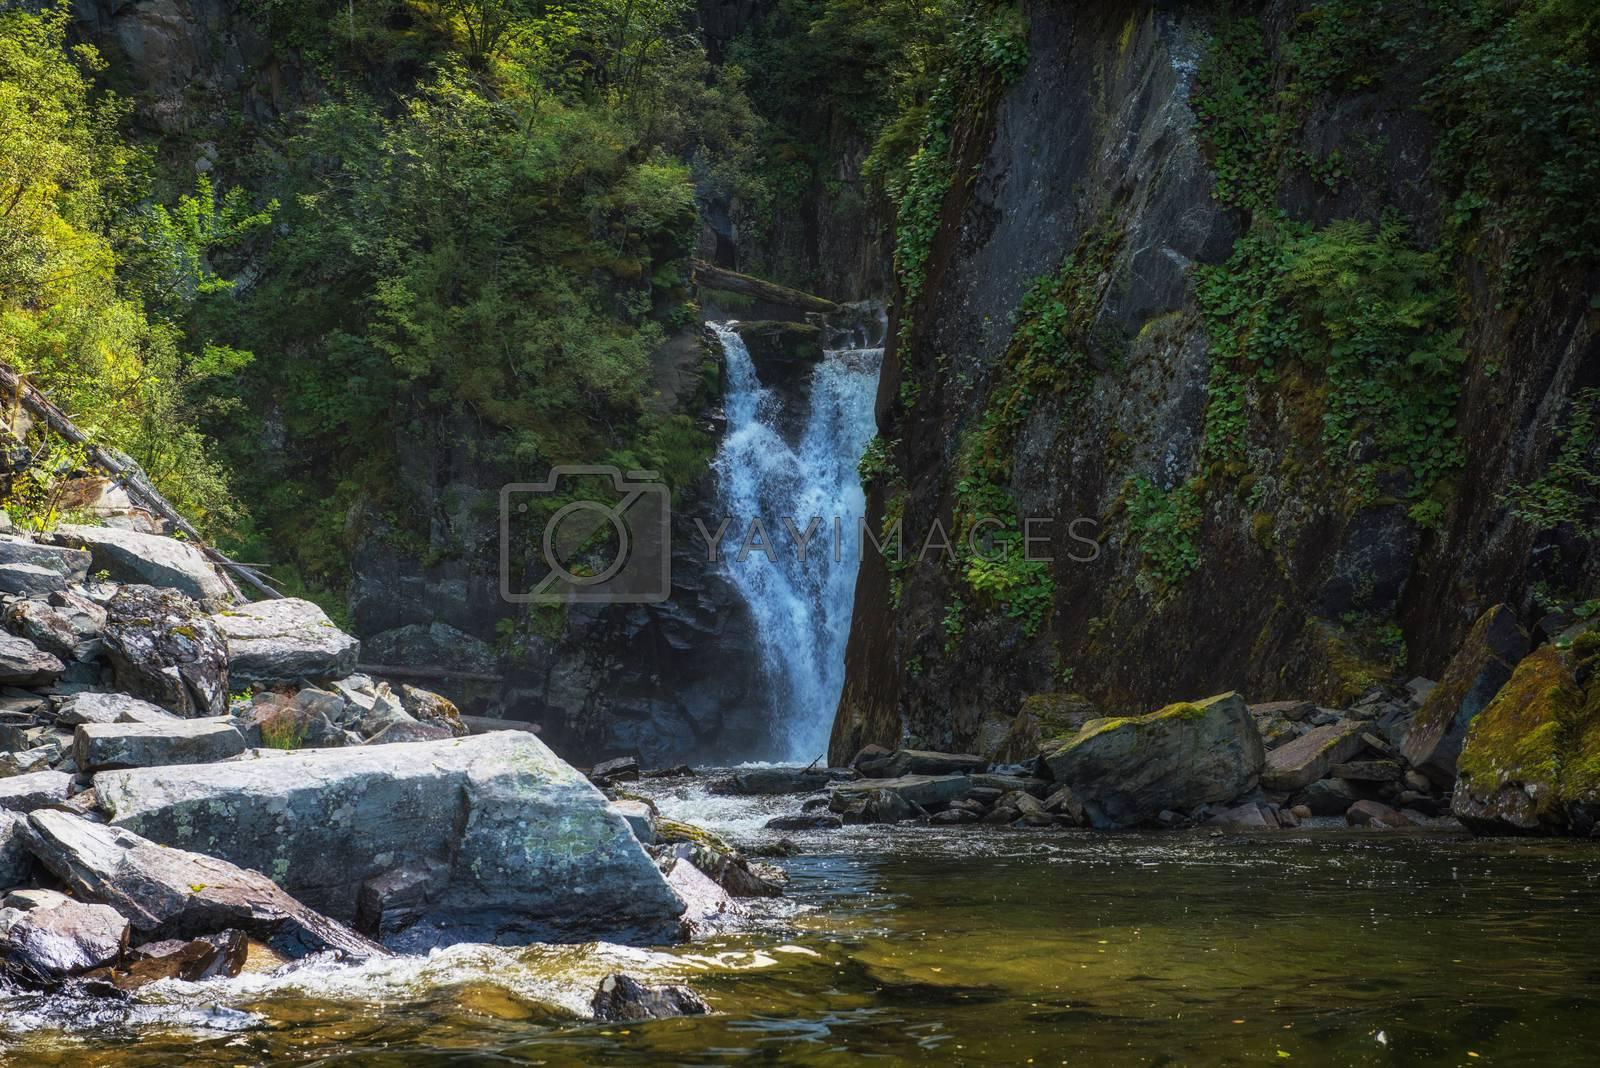 Kishte Waterfall at Lake Teletskoye in autumn Altai Mountains. The most famous lake waterfall